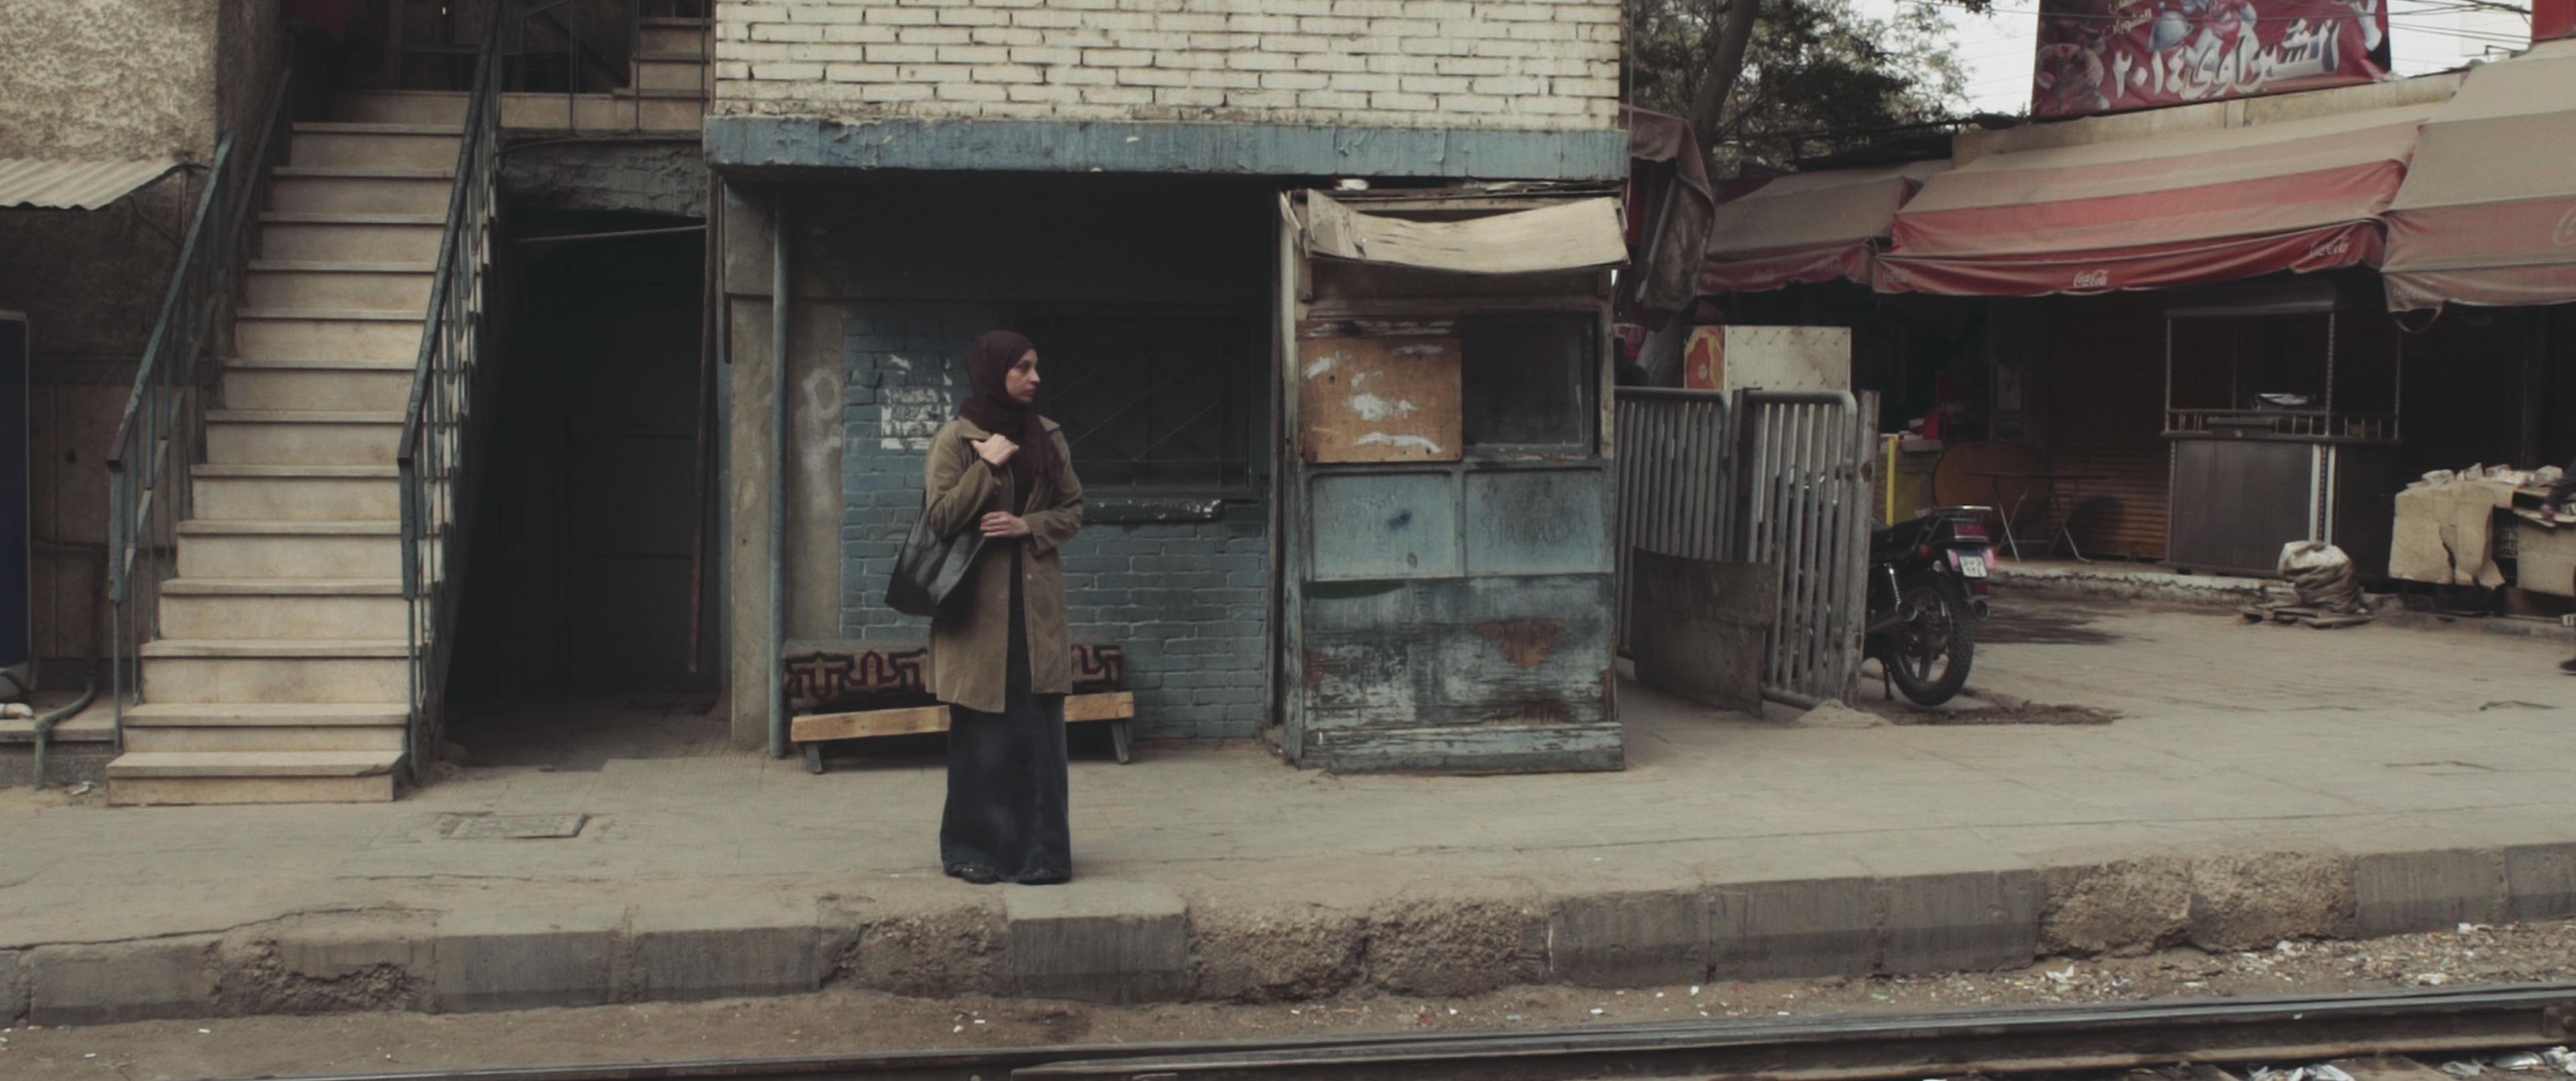 «أخضر يابس»... مساحة تجريب مصرية لسينما المؤلف